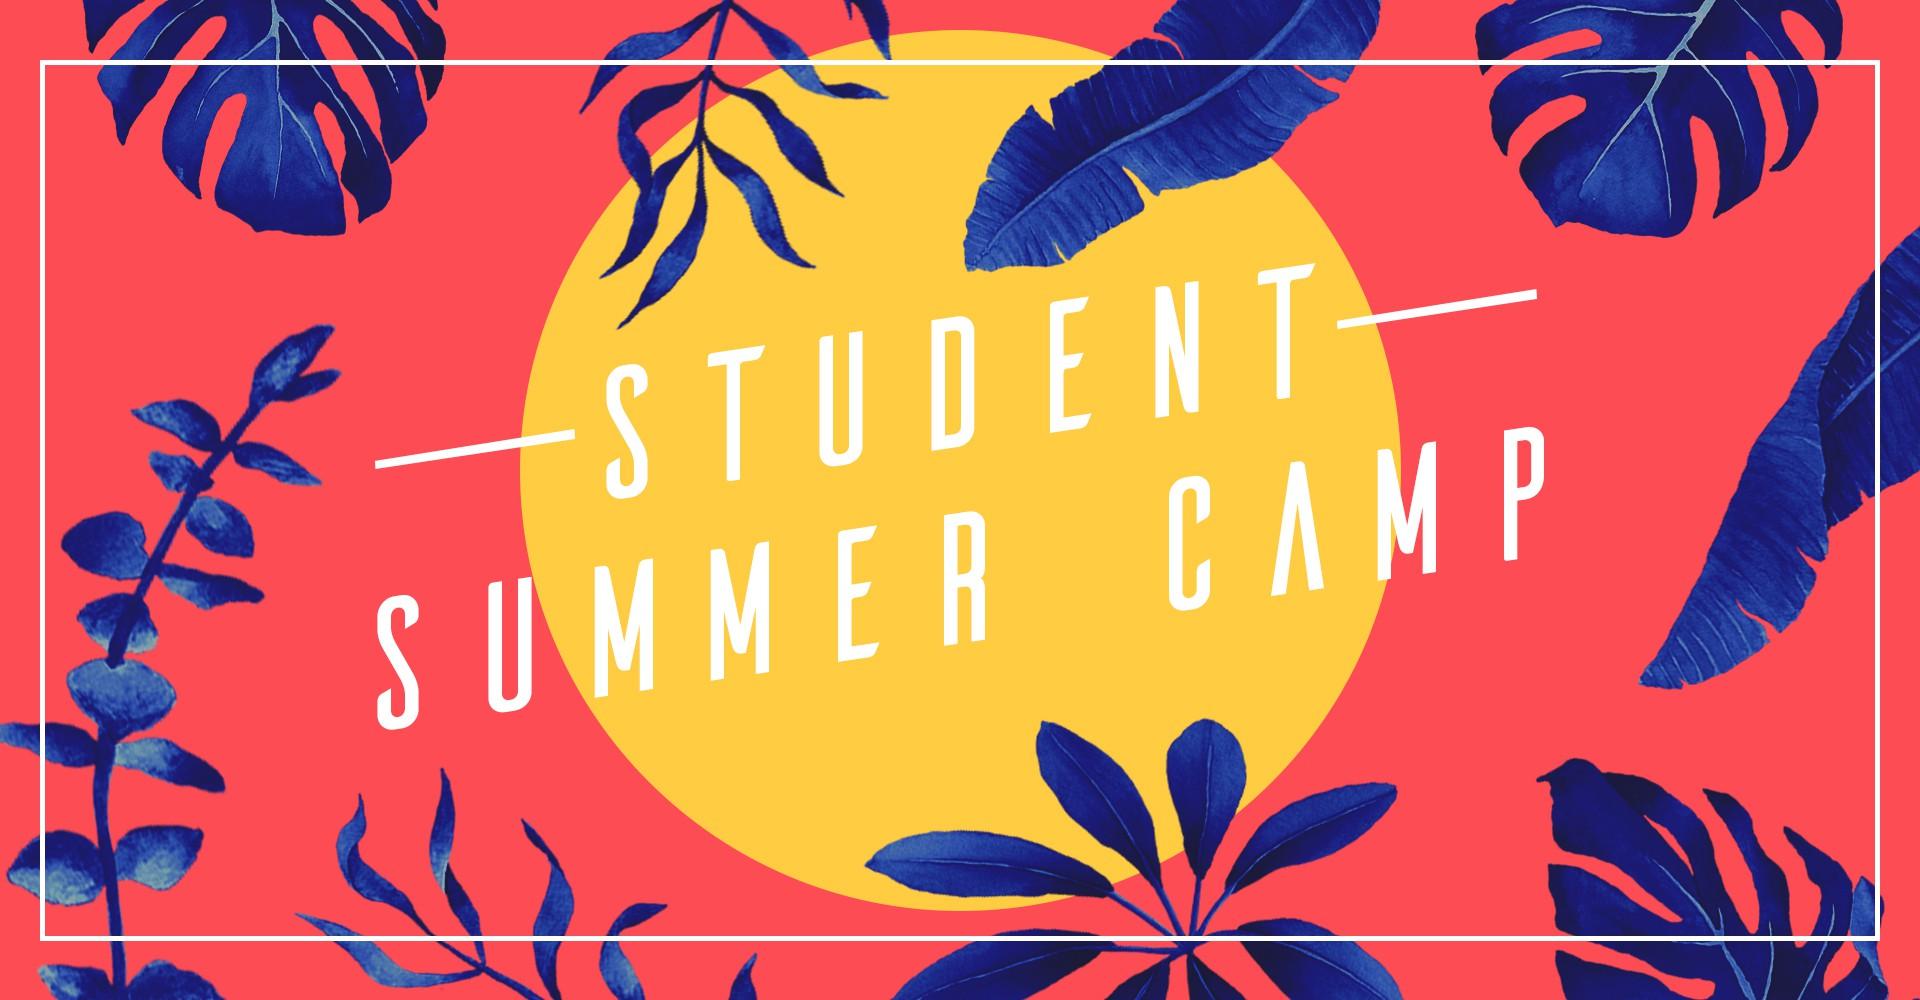 StudentSummerCampWebslider